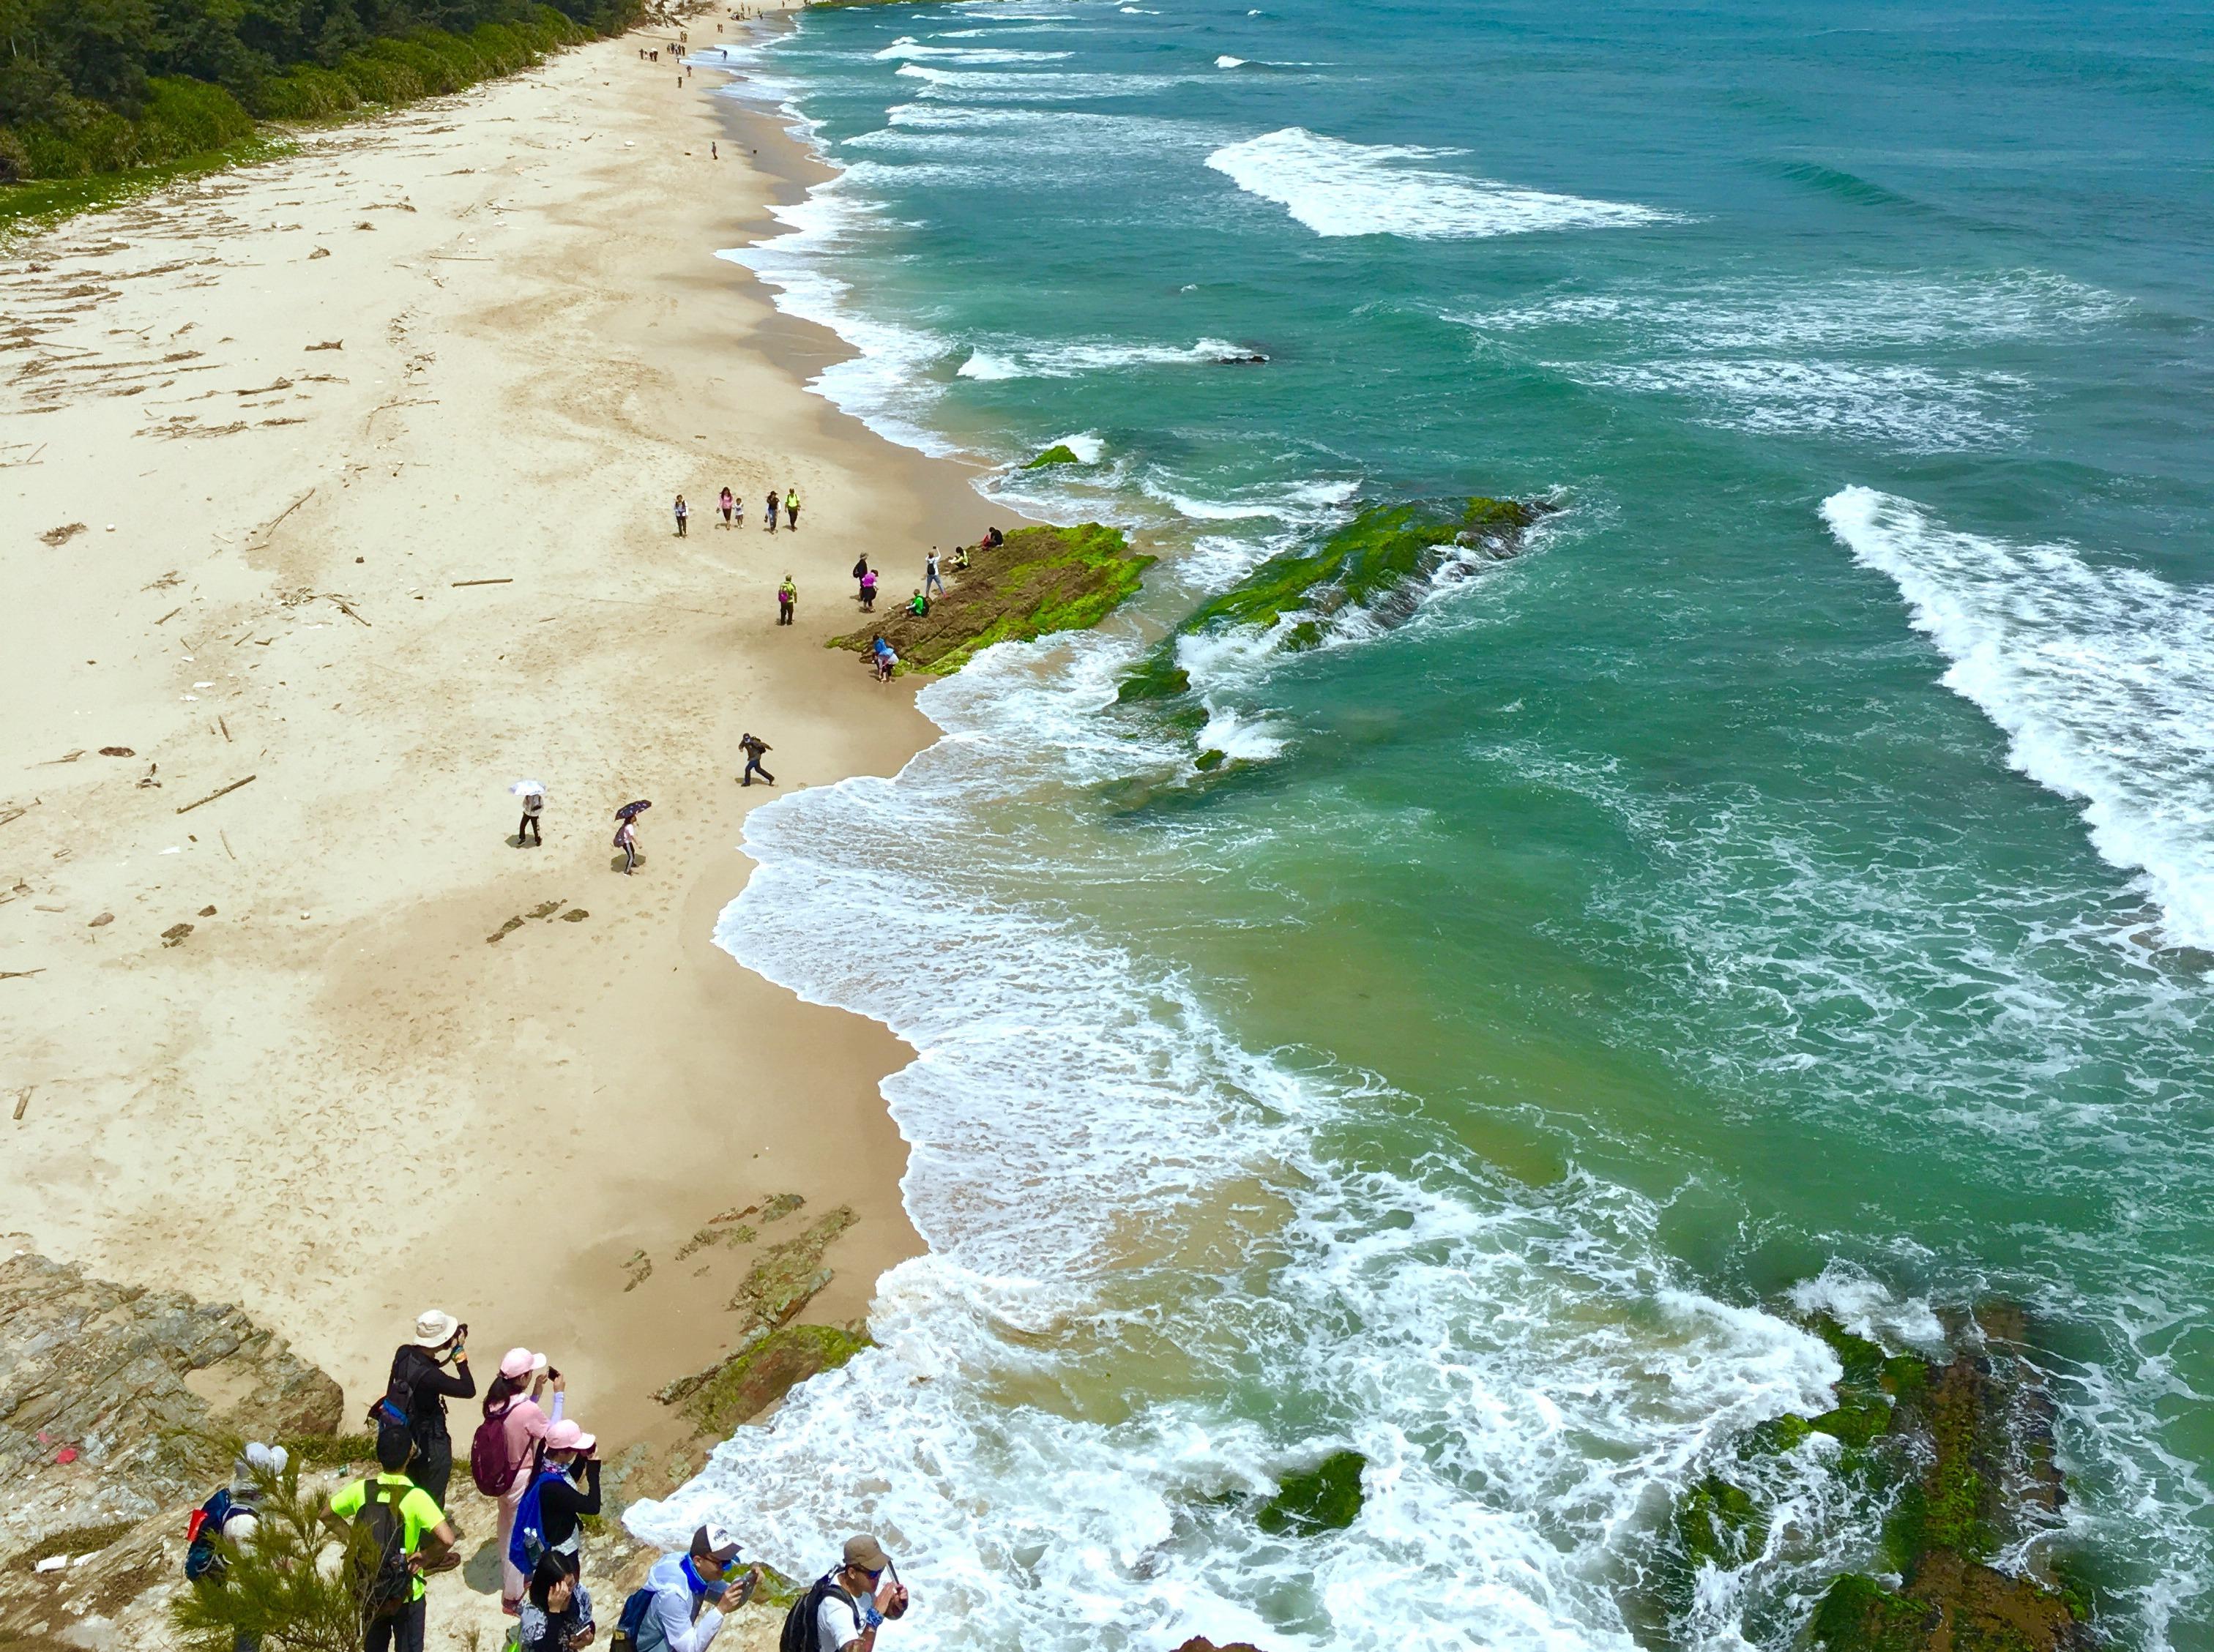 3.24探索原始沙滩·天空之镜·黑排角